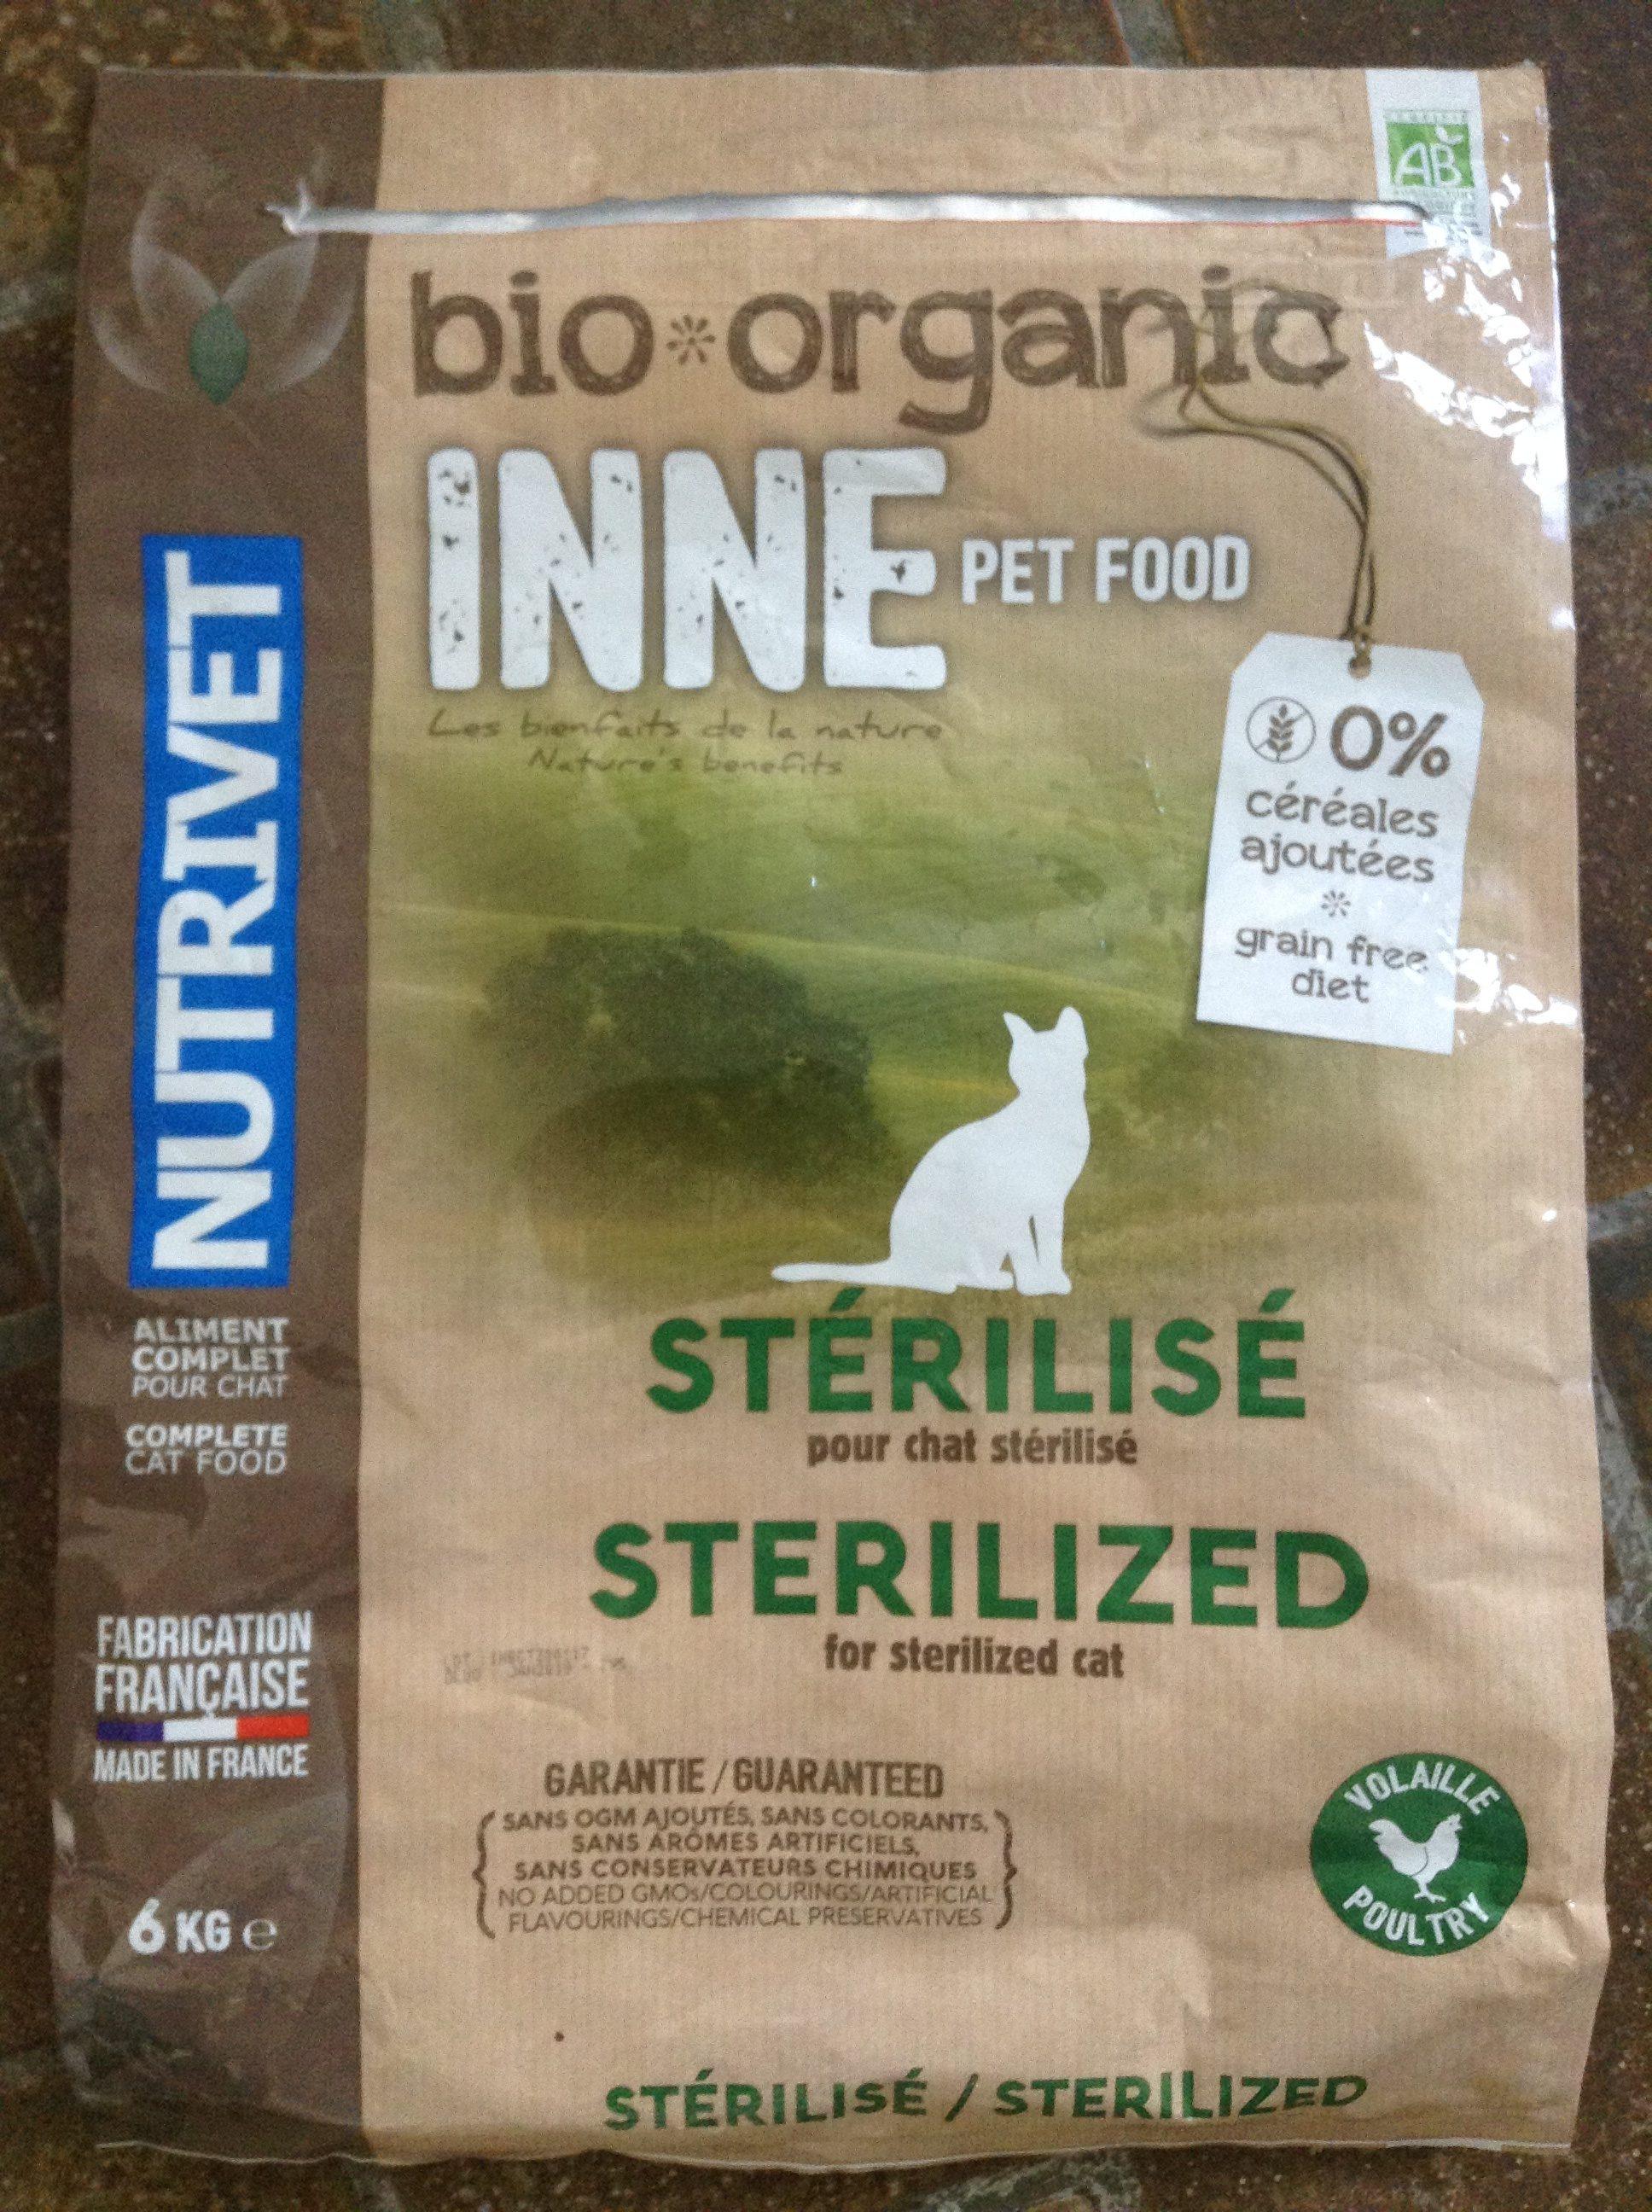 Bio organic pet food pour chat stérilisé - Product